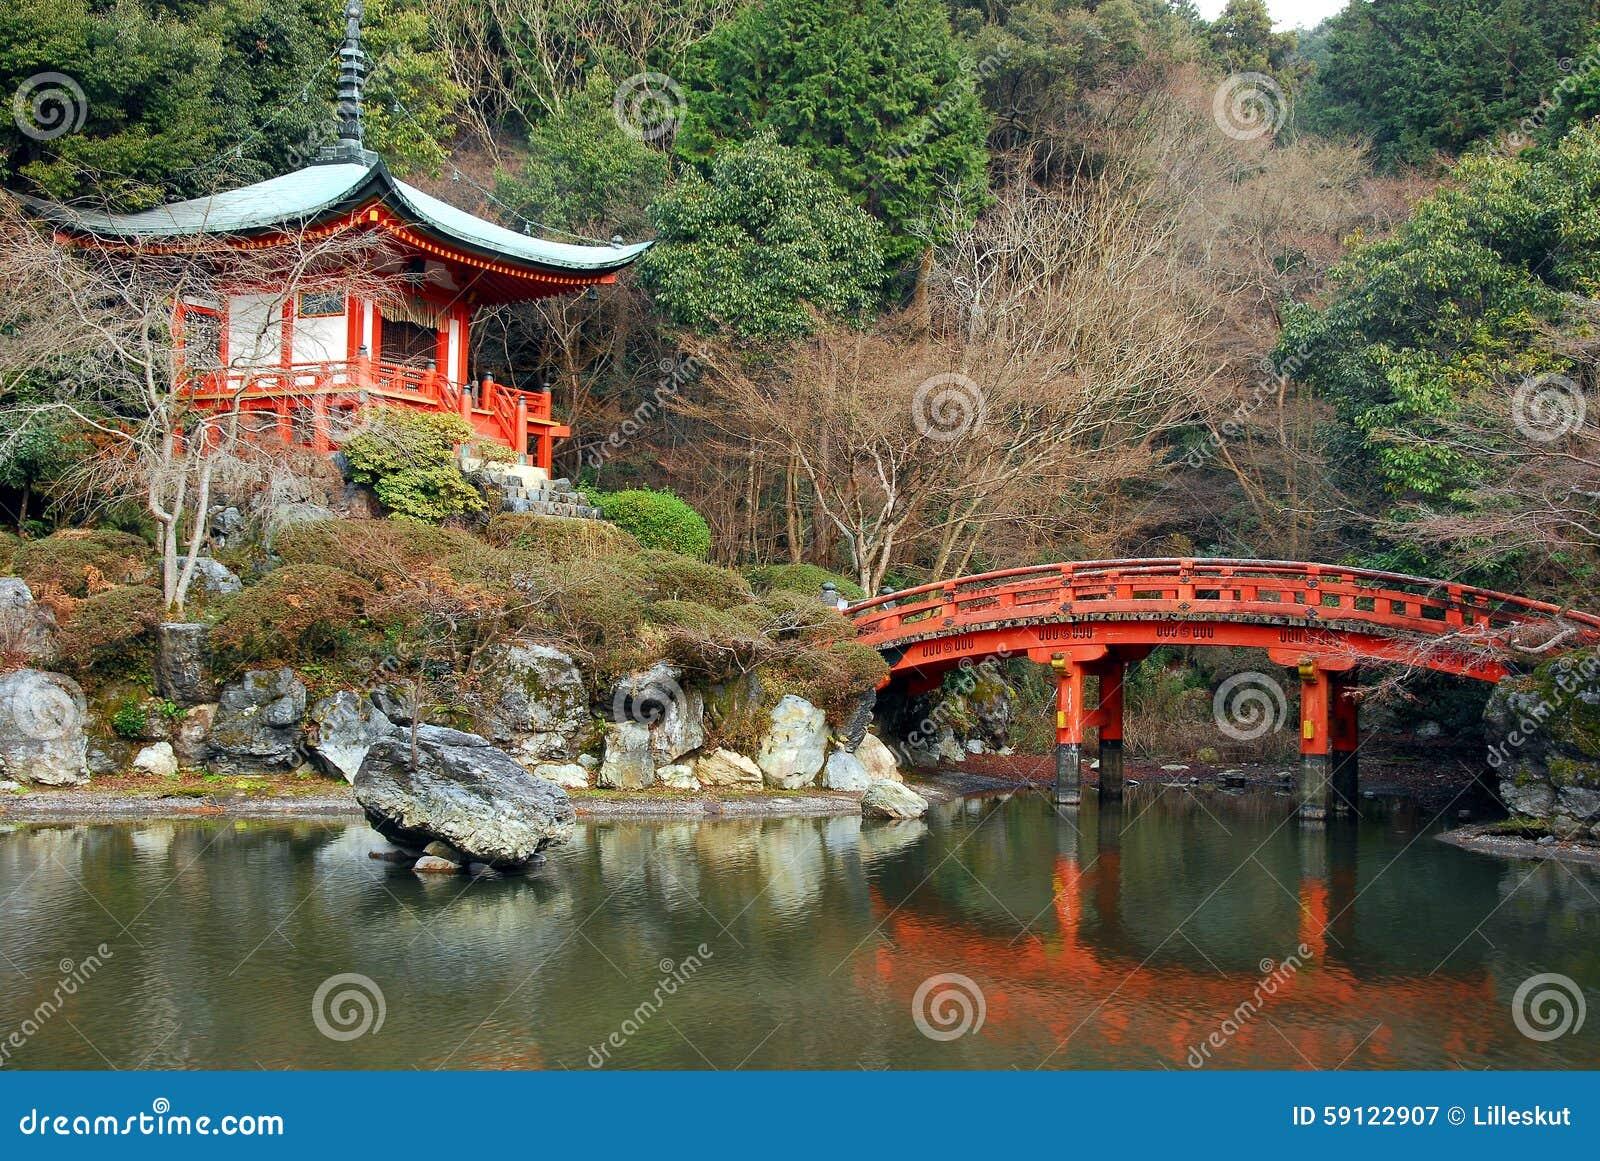 Pagoda bridge stock image. Image of kyoto, garden, east - 59122907